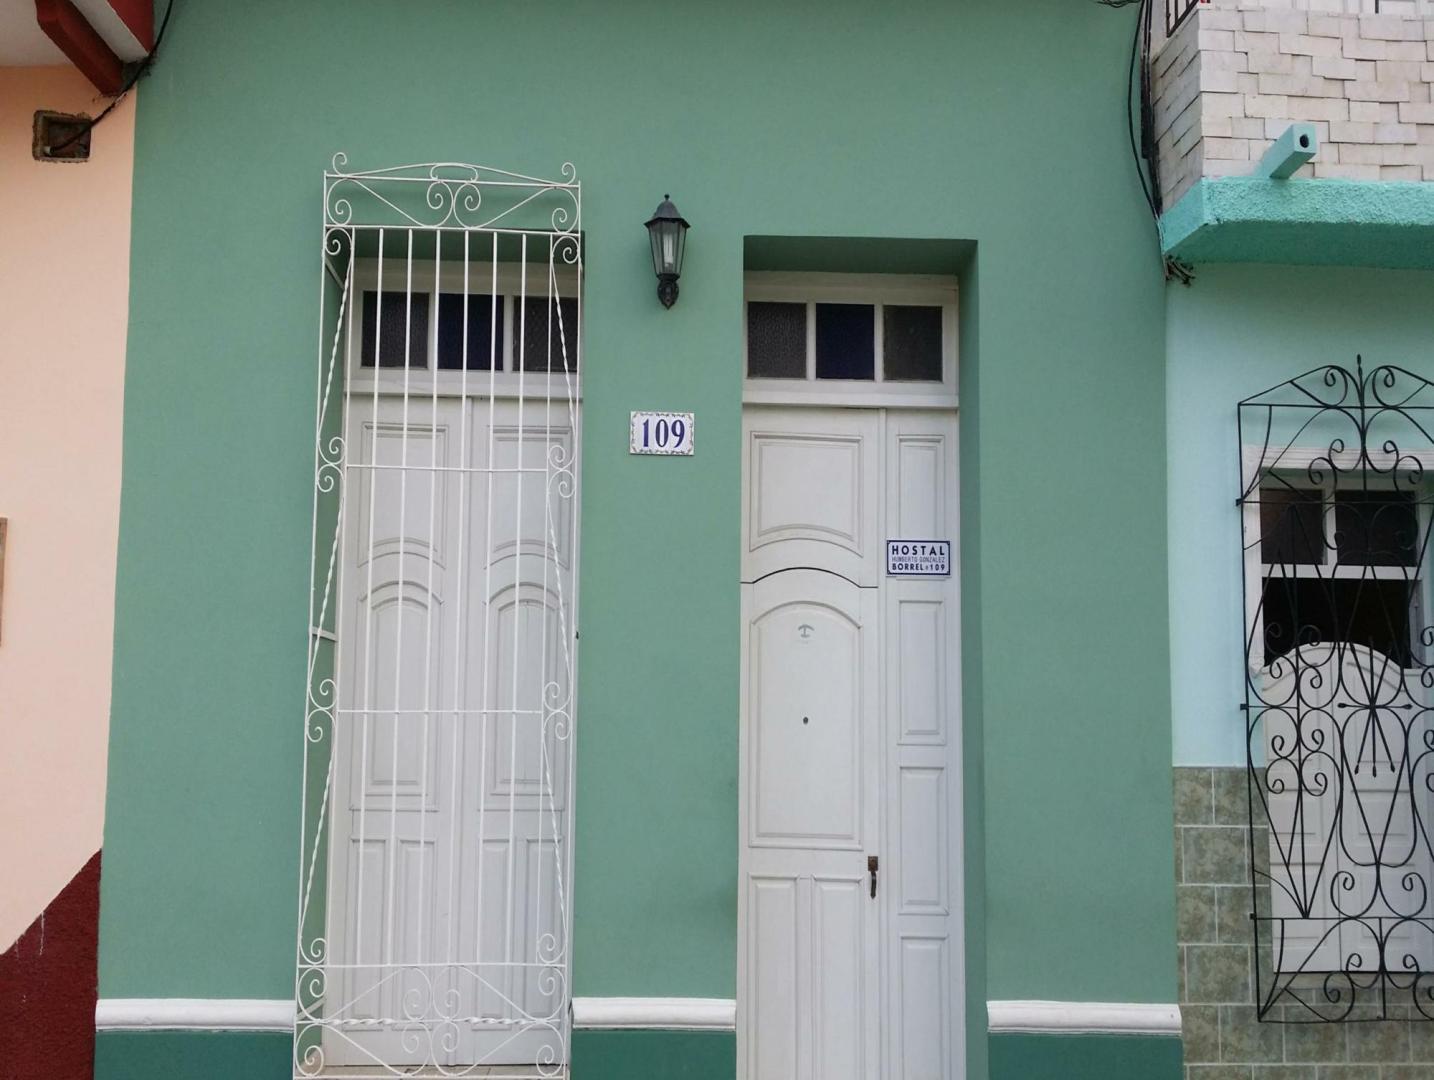 alquiler en trinidada Cuba